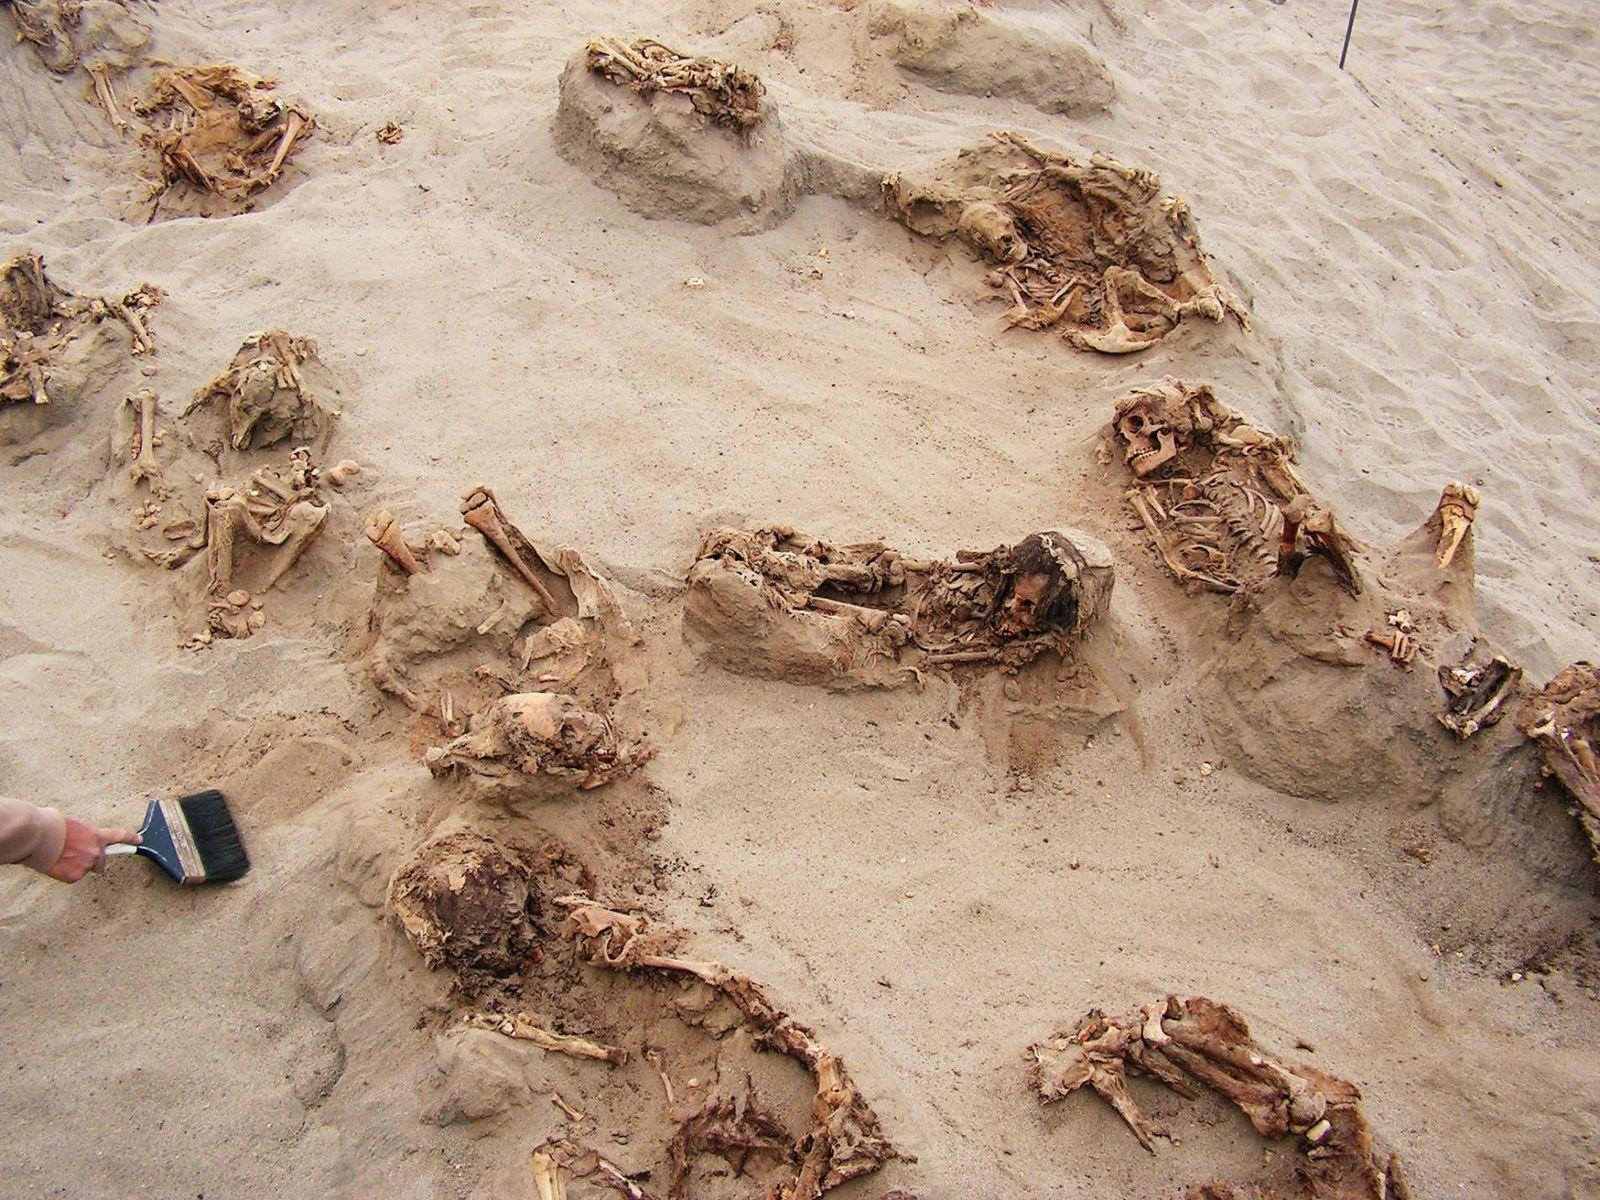 Conservés dans le sable sec pendant plus de 500 ans, plus d'une douzaine d'enfants ont été ...